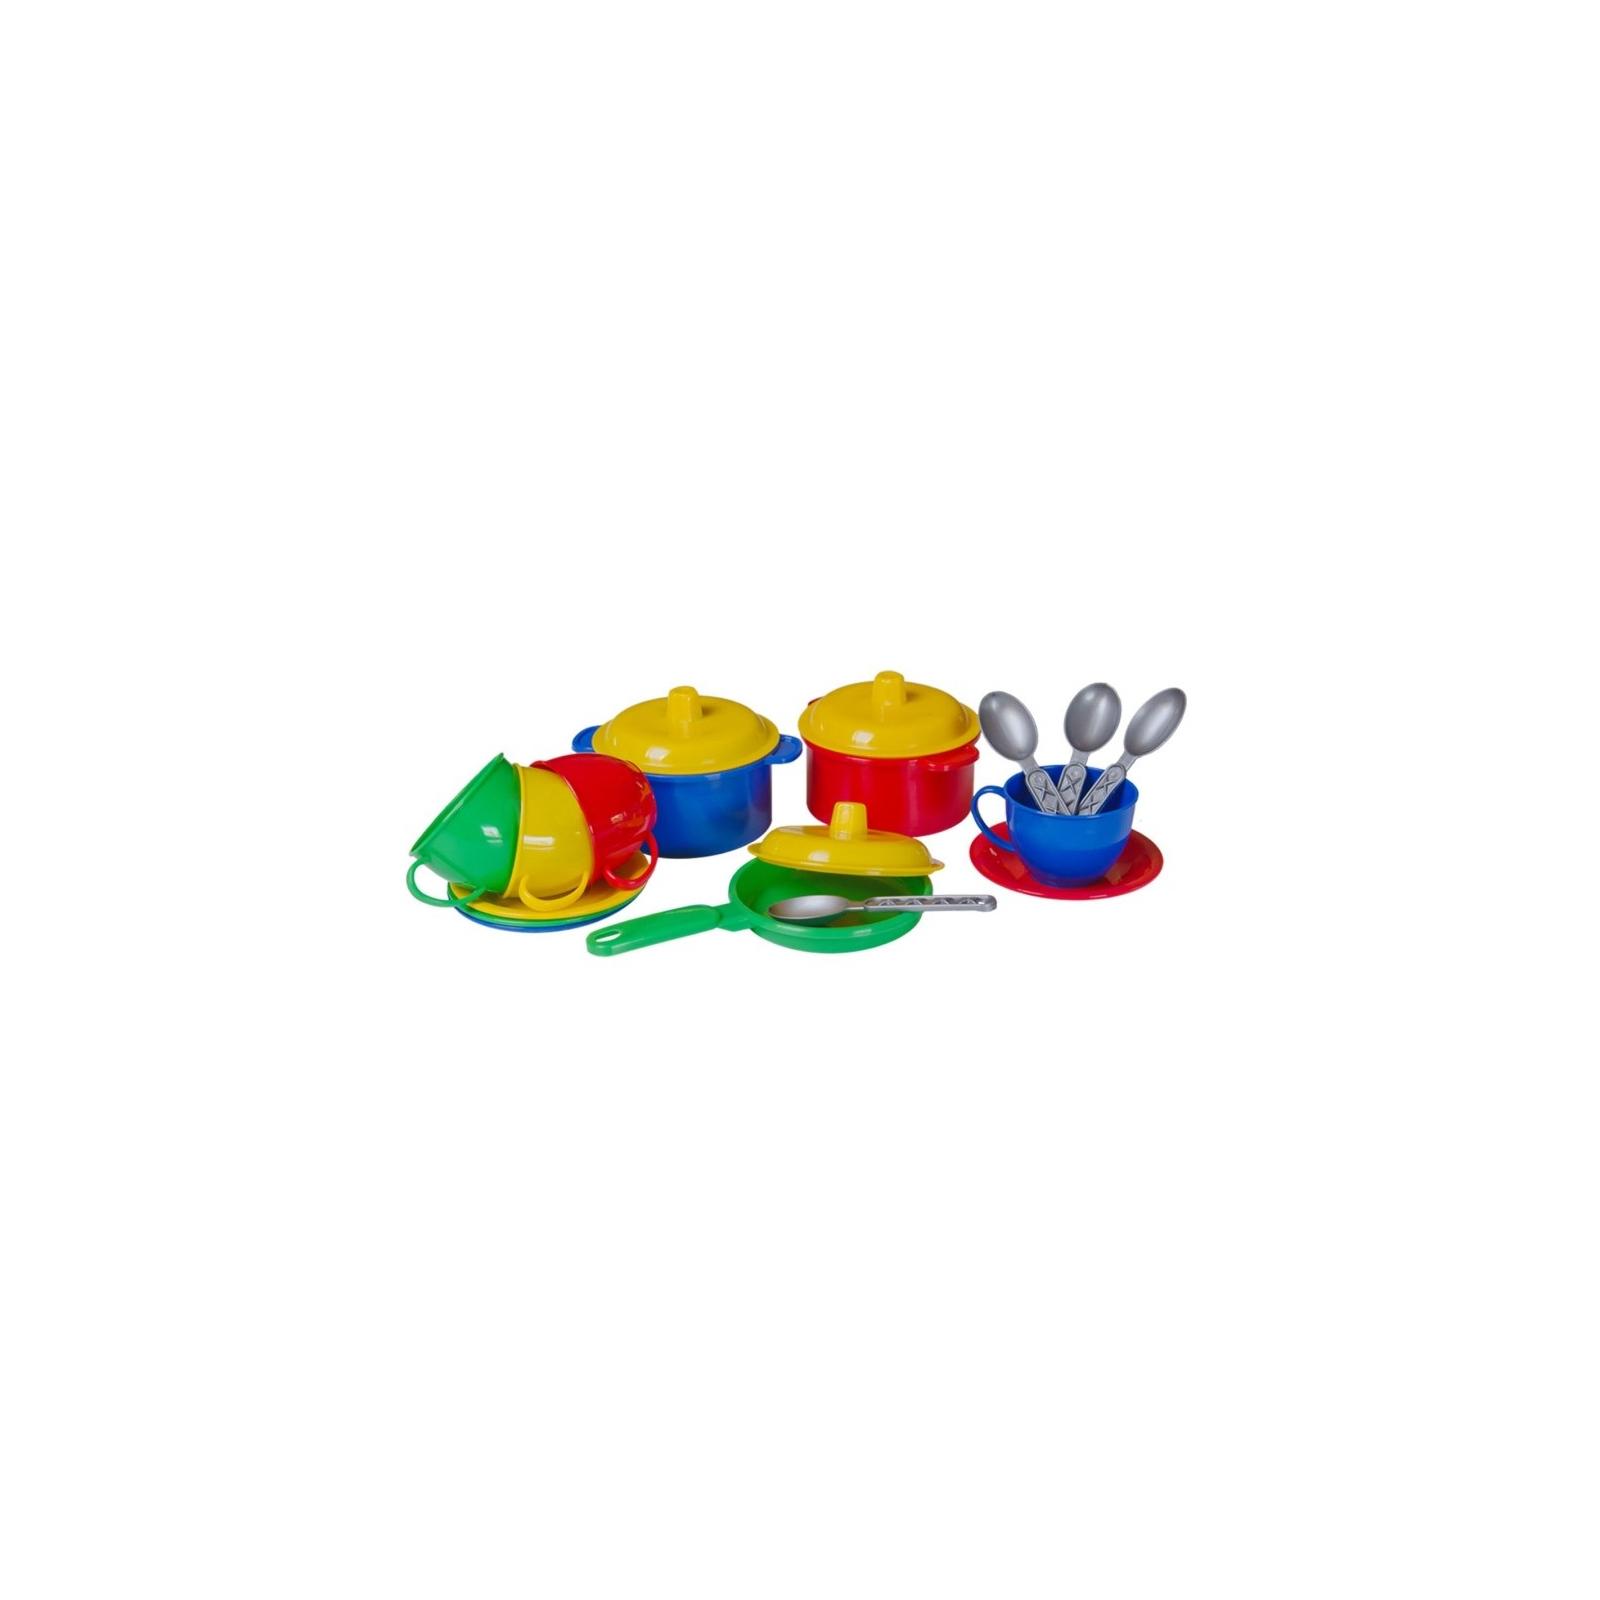 Игрушка для песка Технок Набор посуды в сетке (2209)